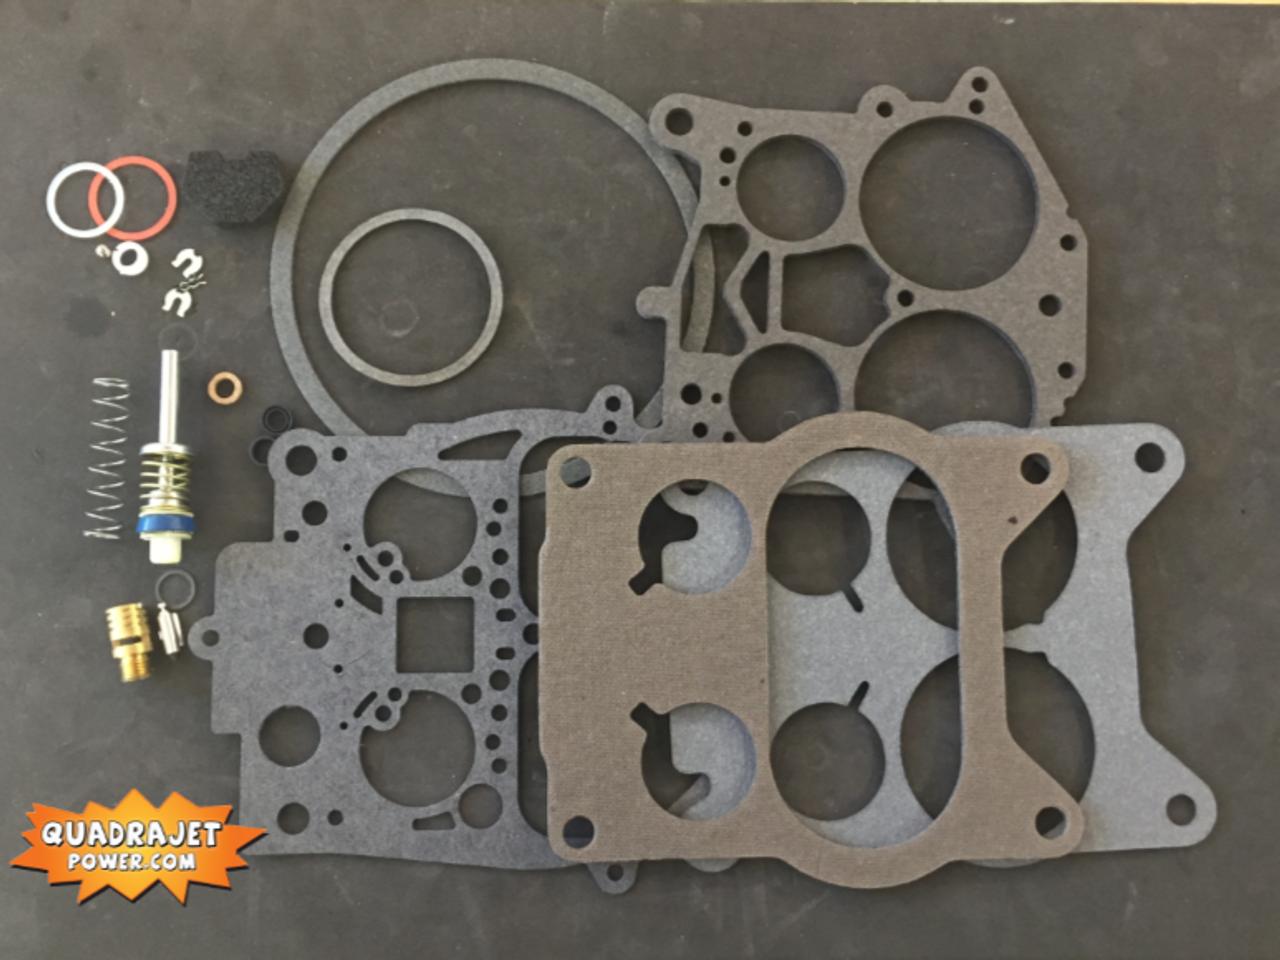 Quadrajet Rebuild Kit  Cadillac 70-74, Chevrolet GMC truck 73-76,  Oldsmobile 66-76